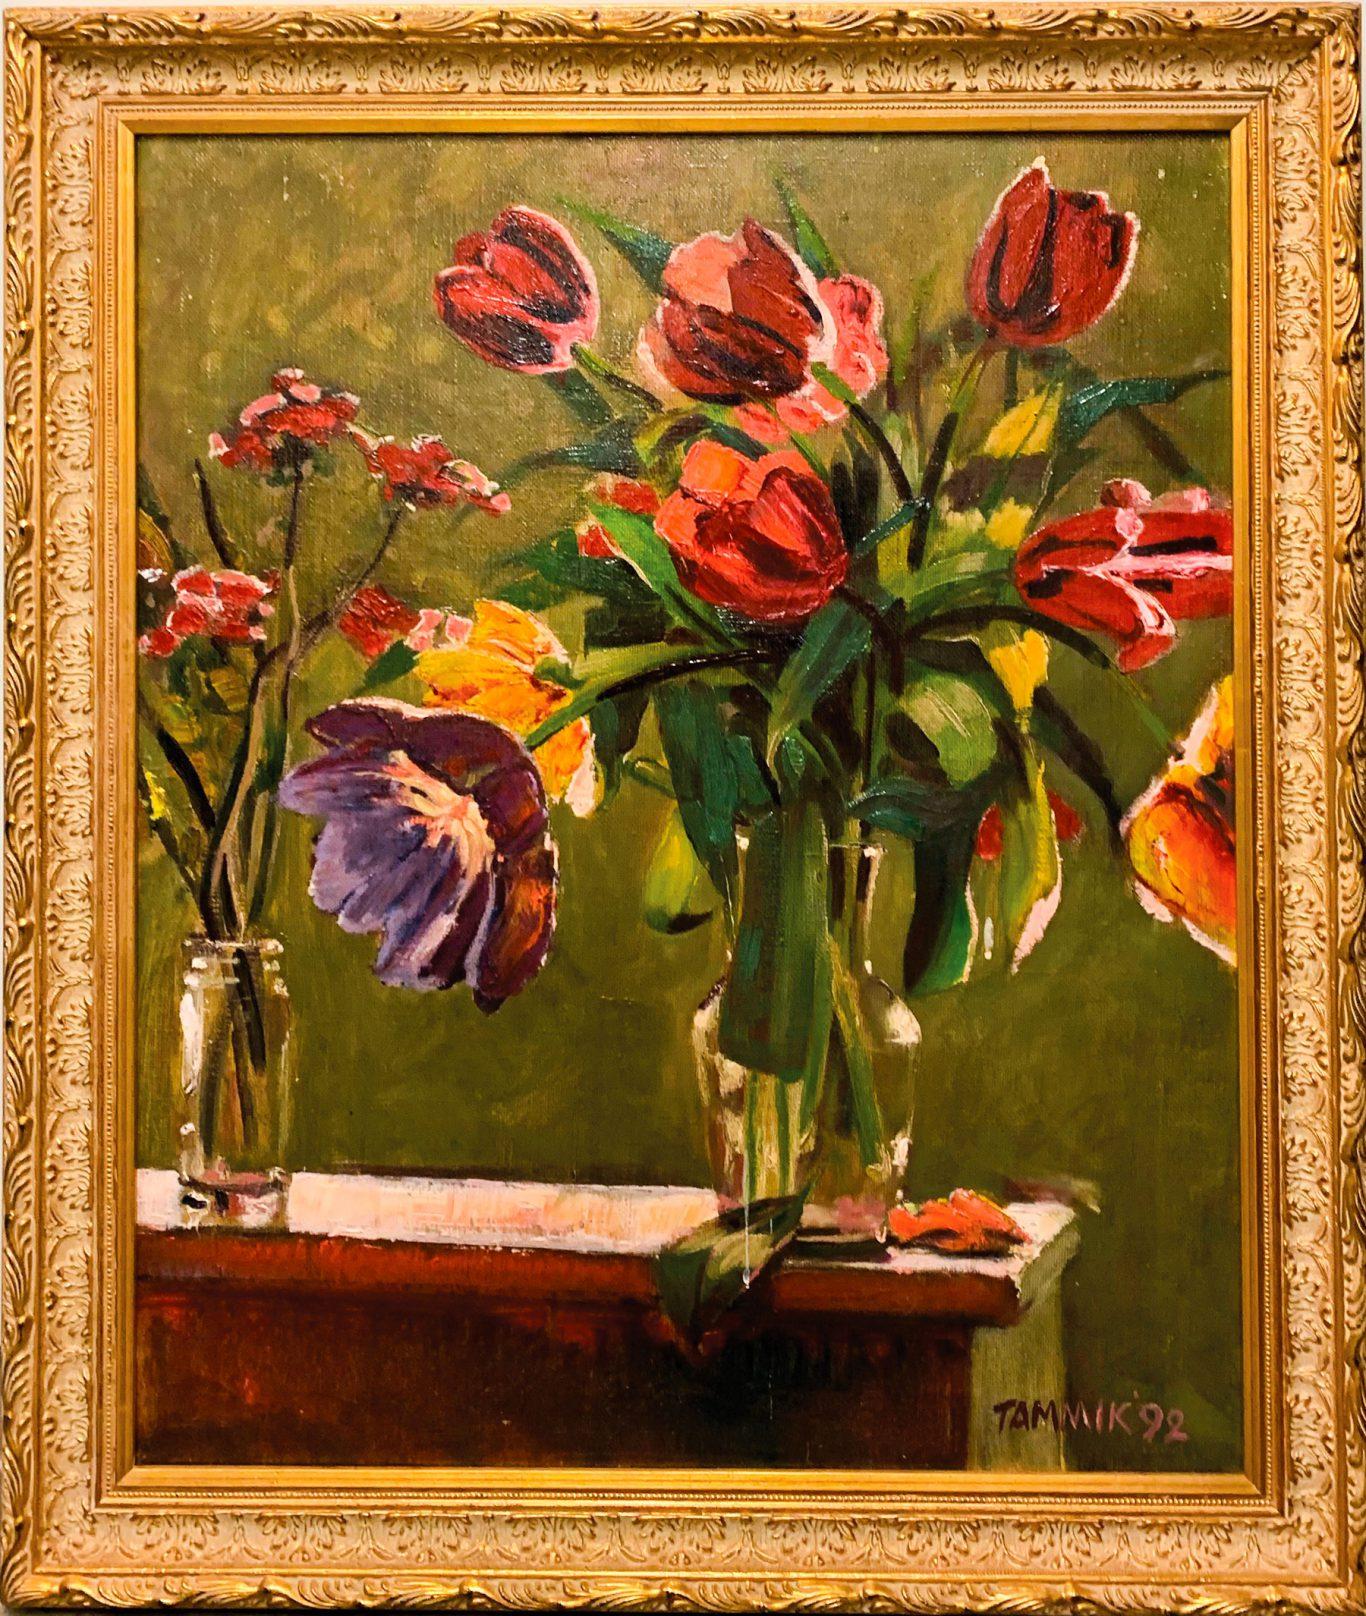 Rein Tammik Tulips 1992